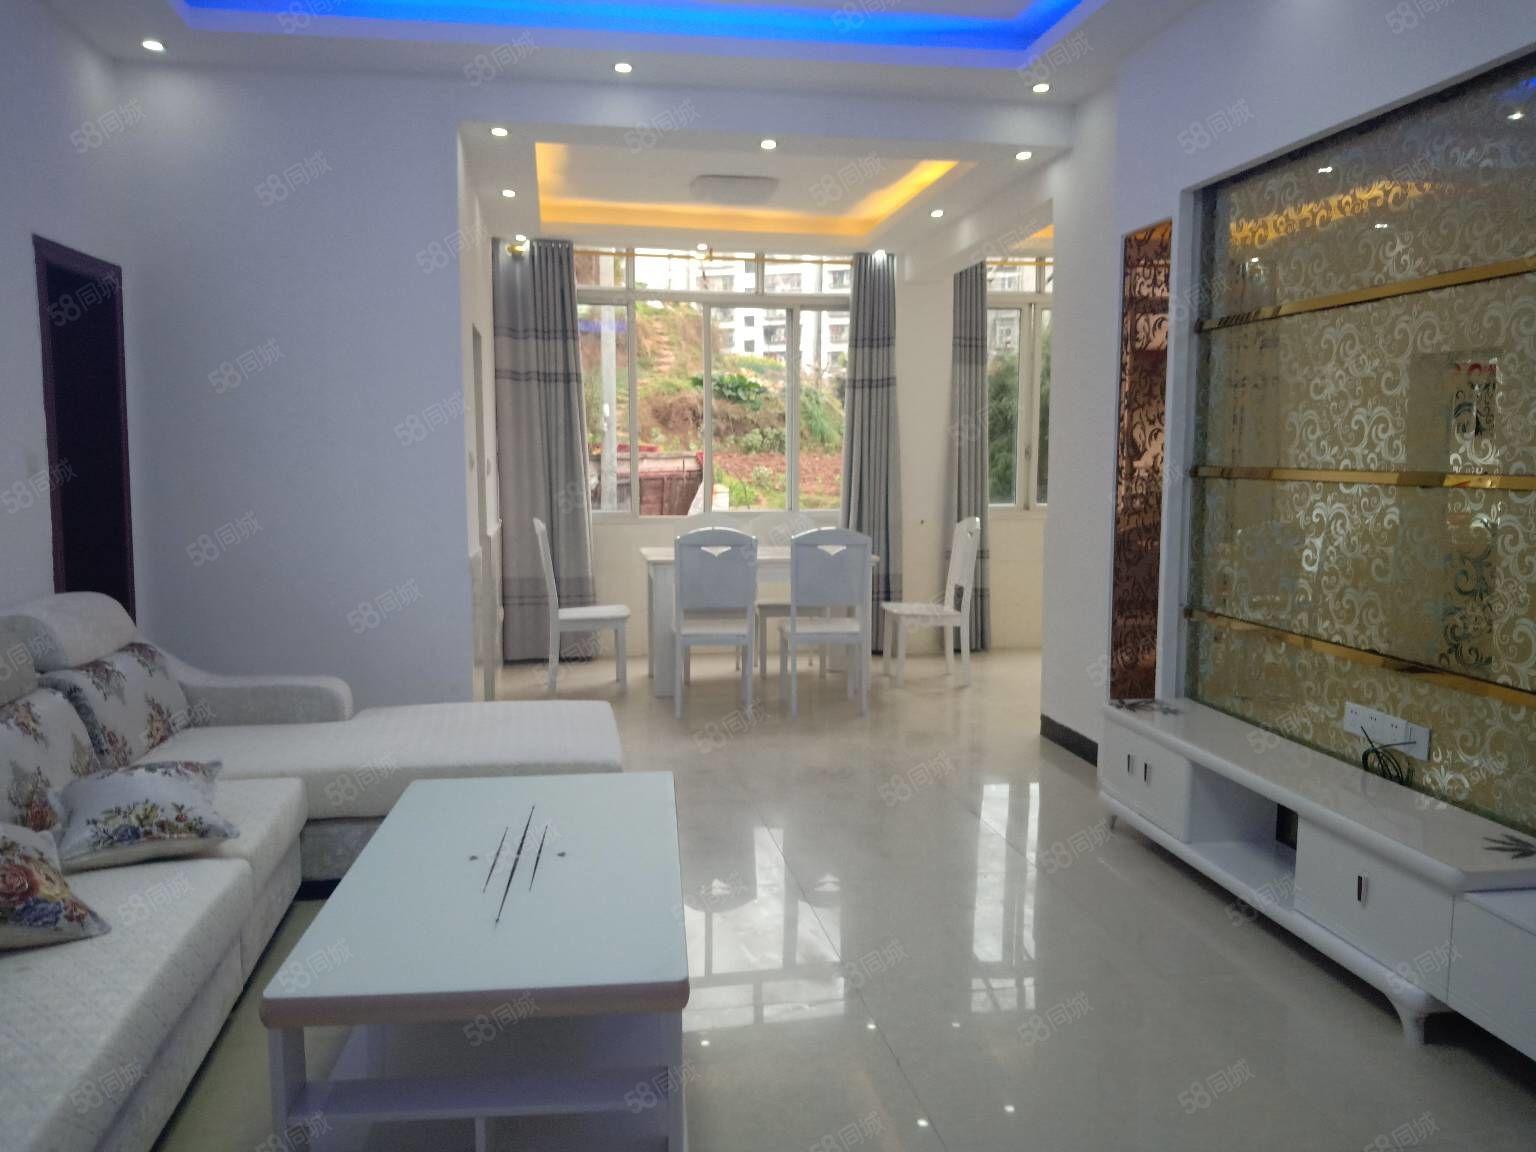 蓬溪玉泉街3楼全新装修3室,急售,外送一个储藏室,一个大阳台